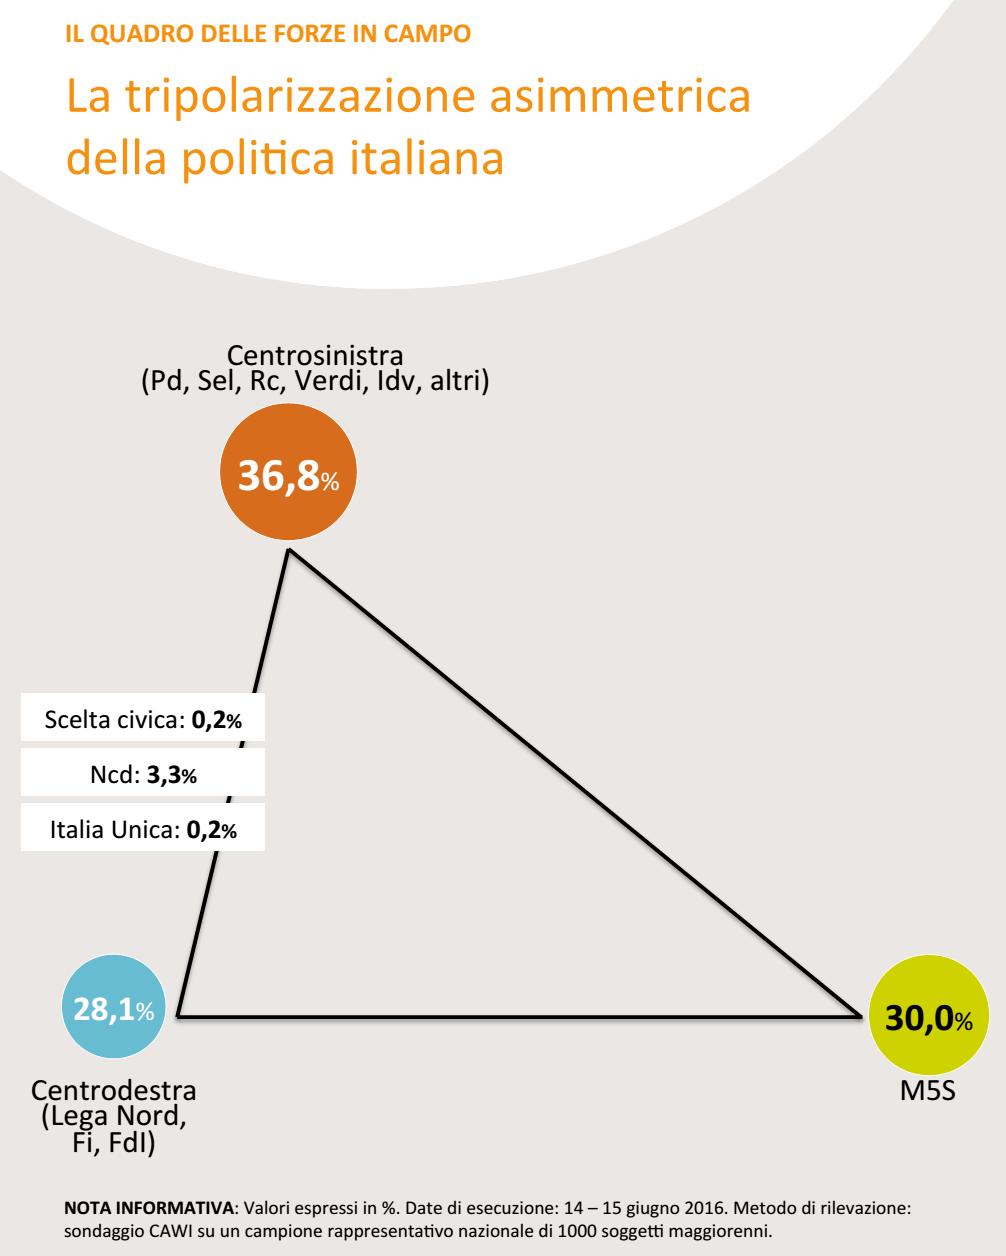 sondaggi Movimento 5 Stelle, infografica con triangolo e nome dei partiti